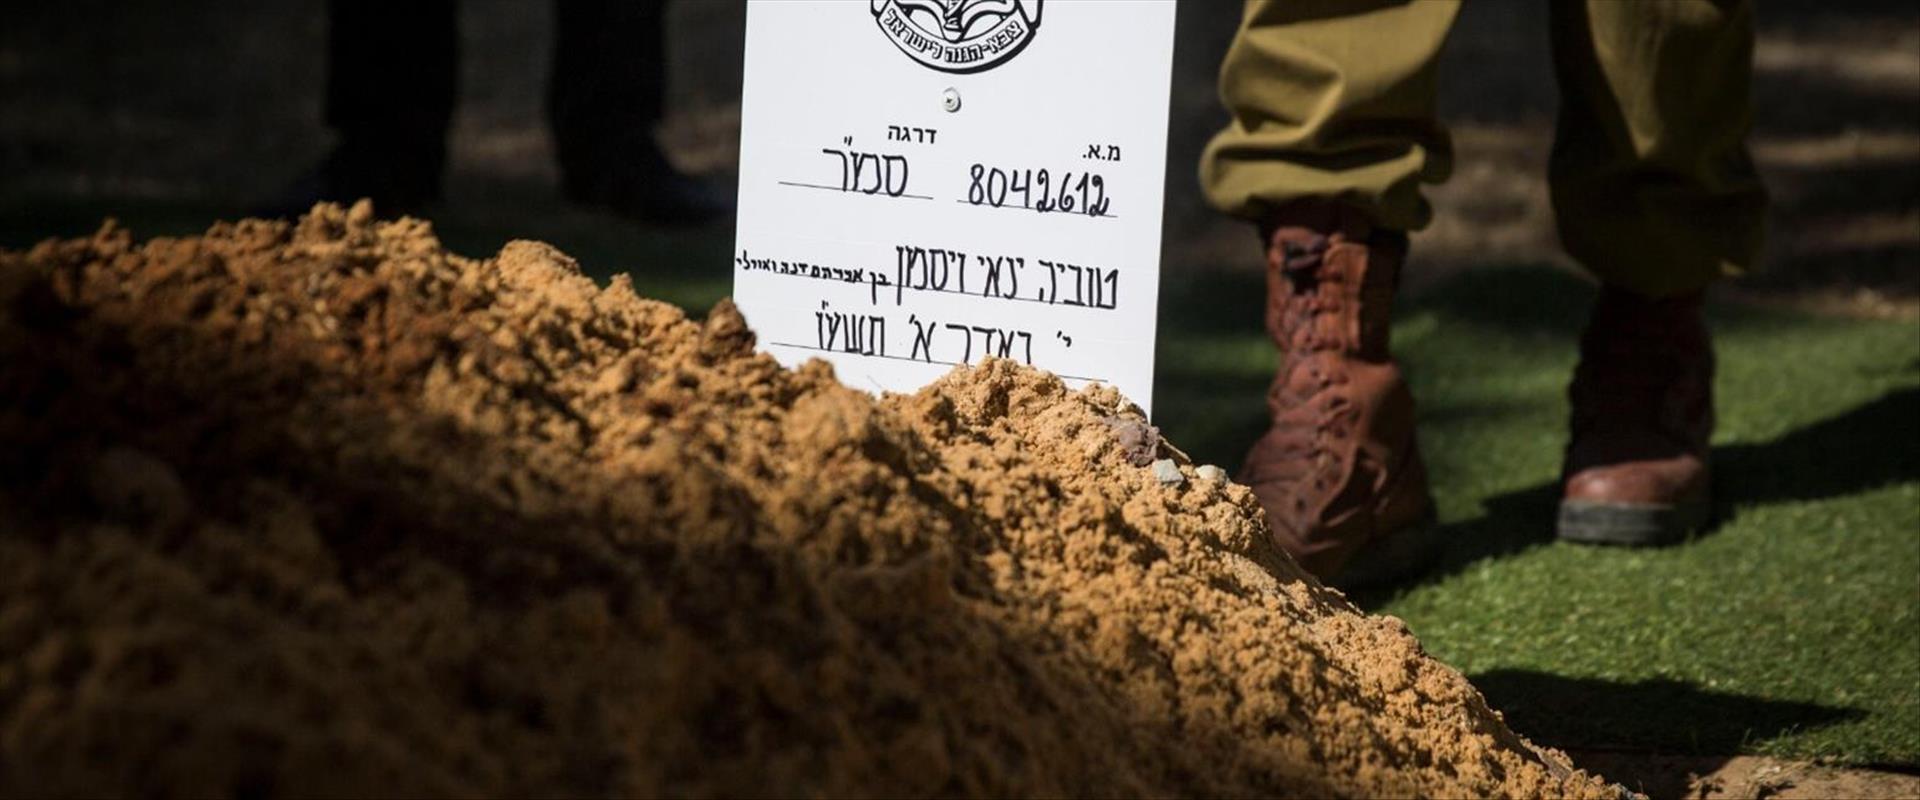 """קברו של סמ""""ר וייסמן"""